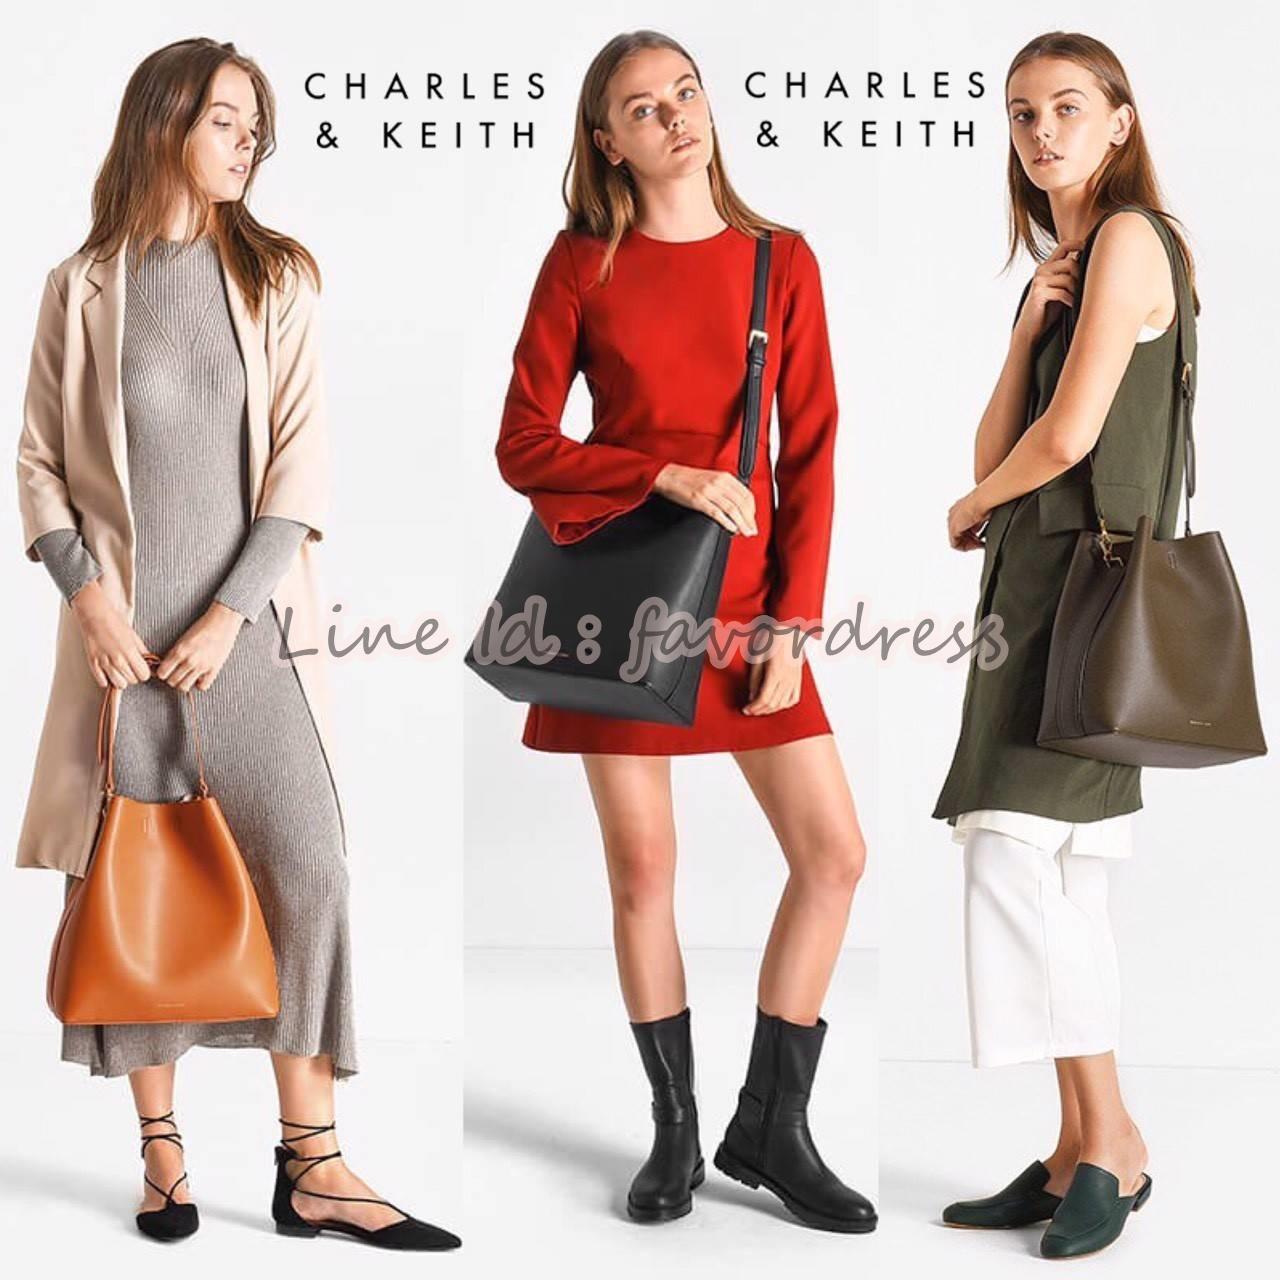 พร้อมส่ง3สีรุ่นใหม่ชนช็อป! NEW ARRIVAL! CHARLES & KEITH OVERSIZED BAG (Size L)